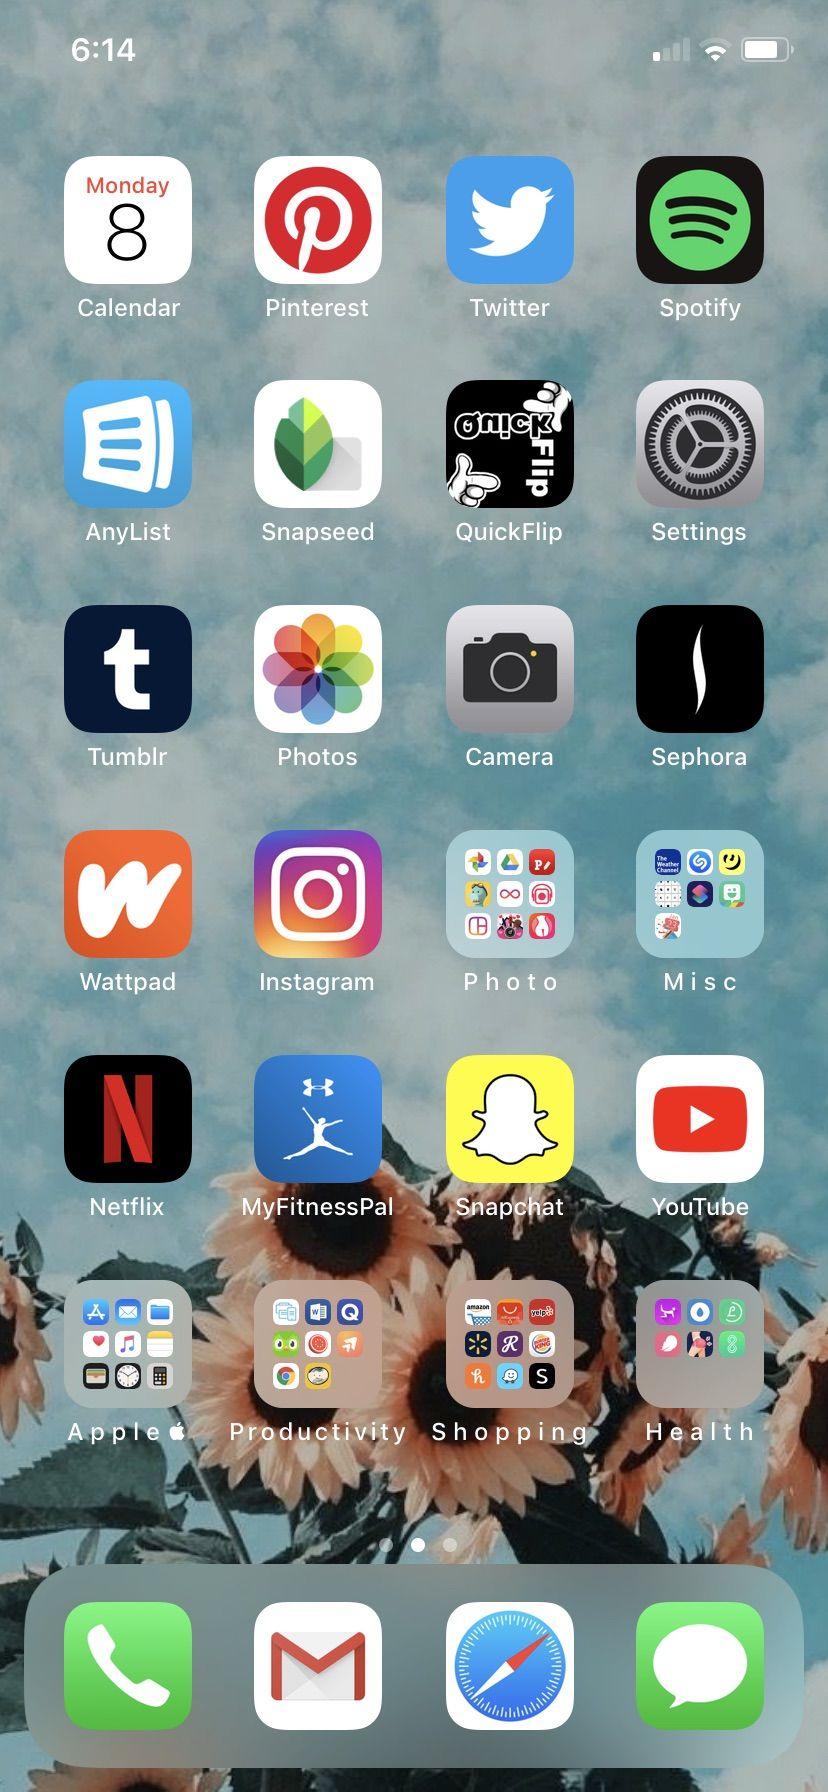 Pin By Sara Galarza On Iphone Organization Homescreen Iphone Iphone Organization Ios App Iphone